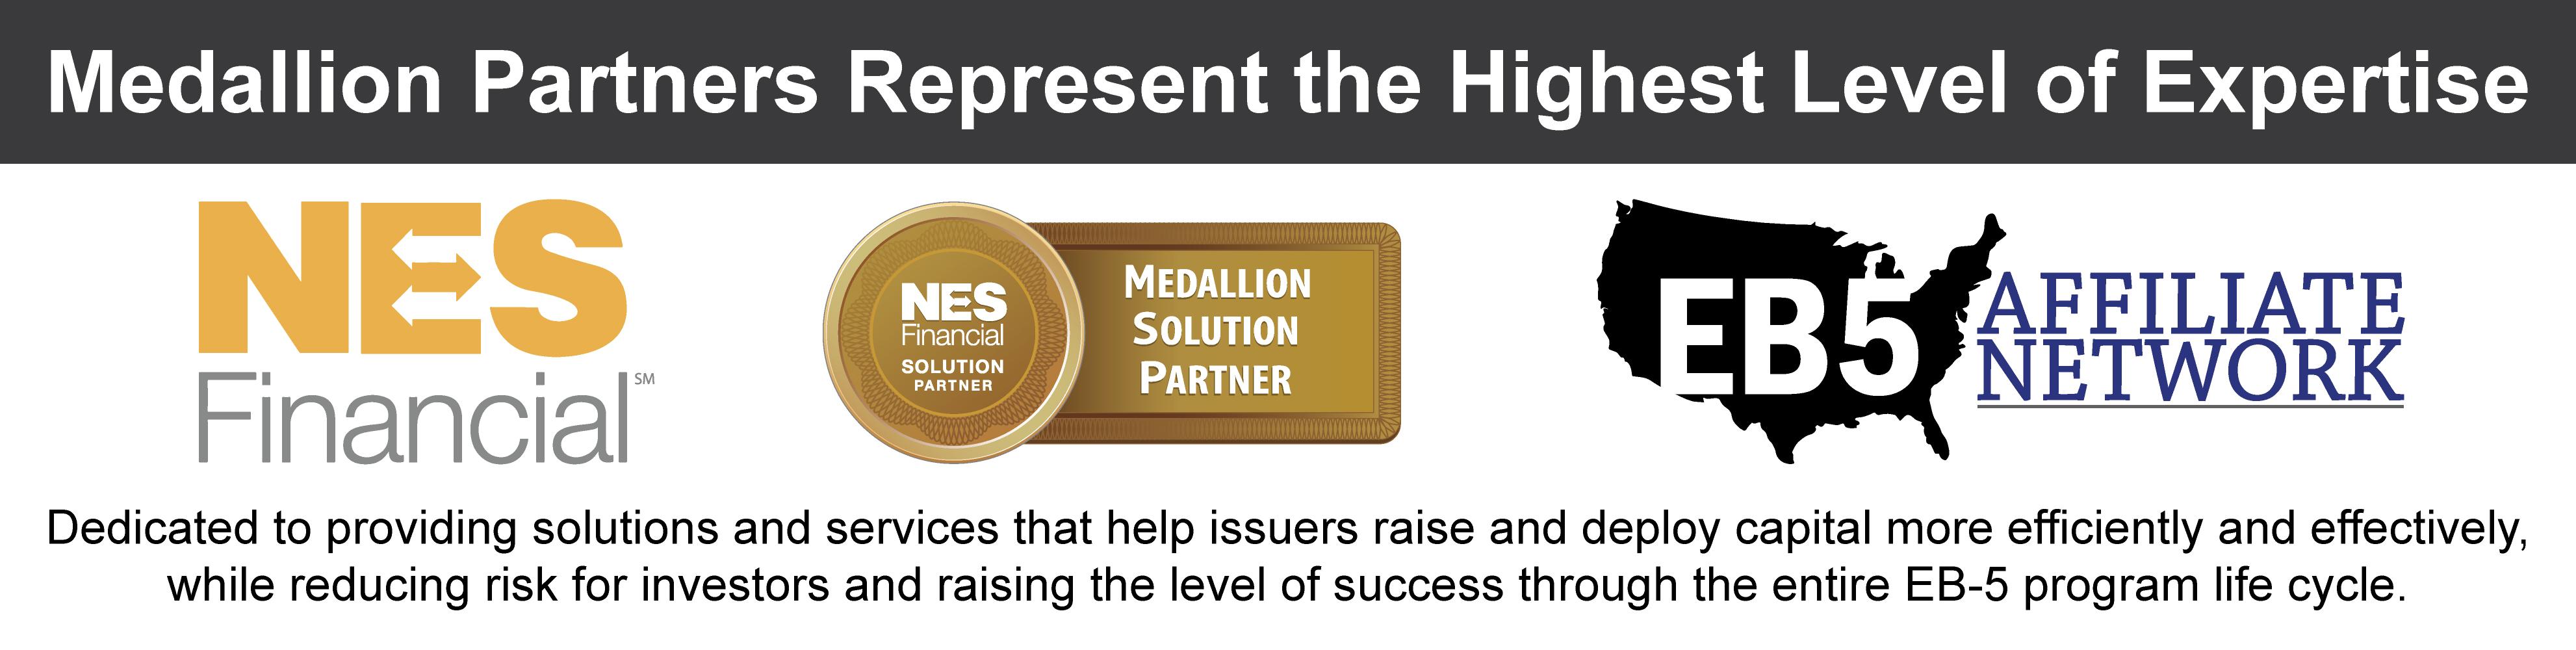 Medallian-Partners---Website-Image-v2-HiRes